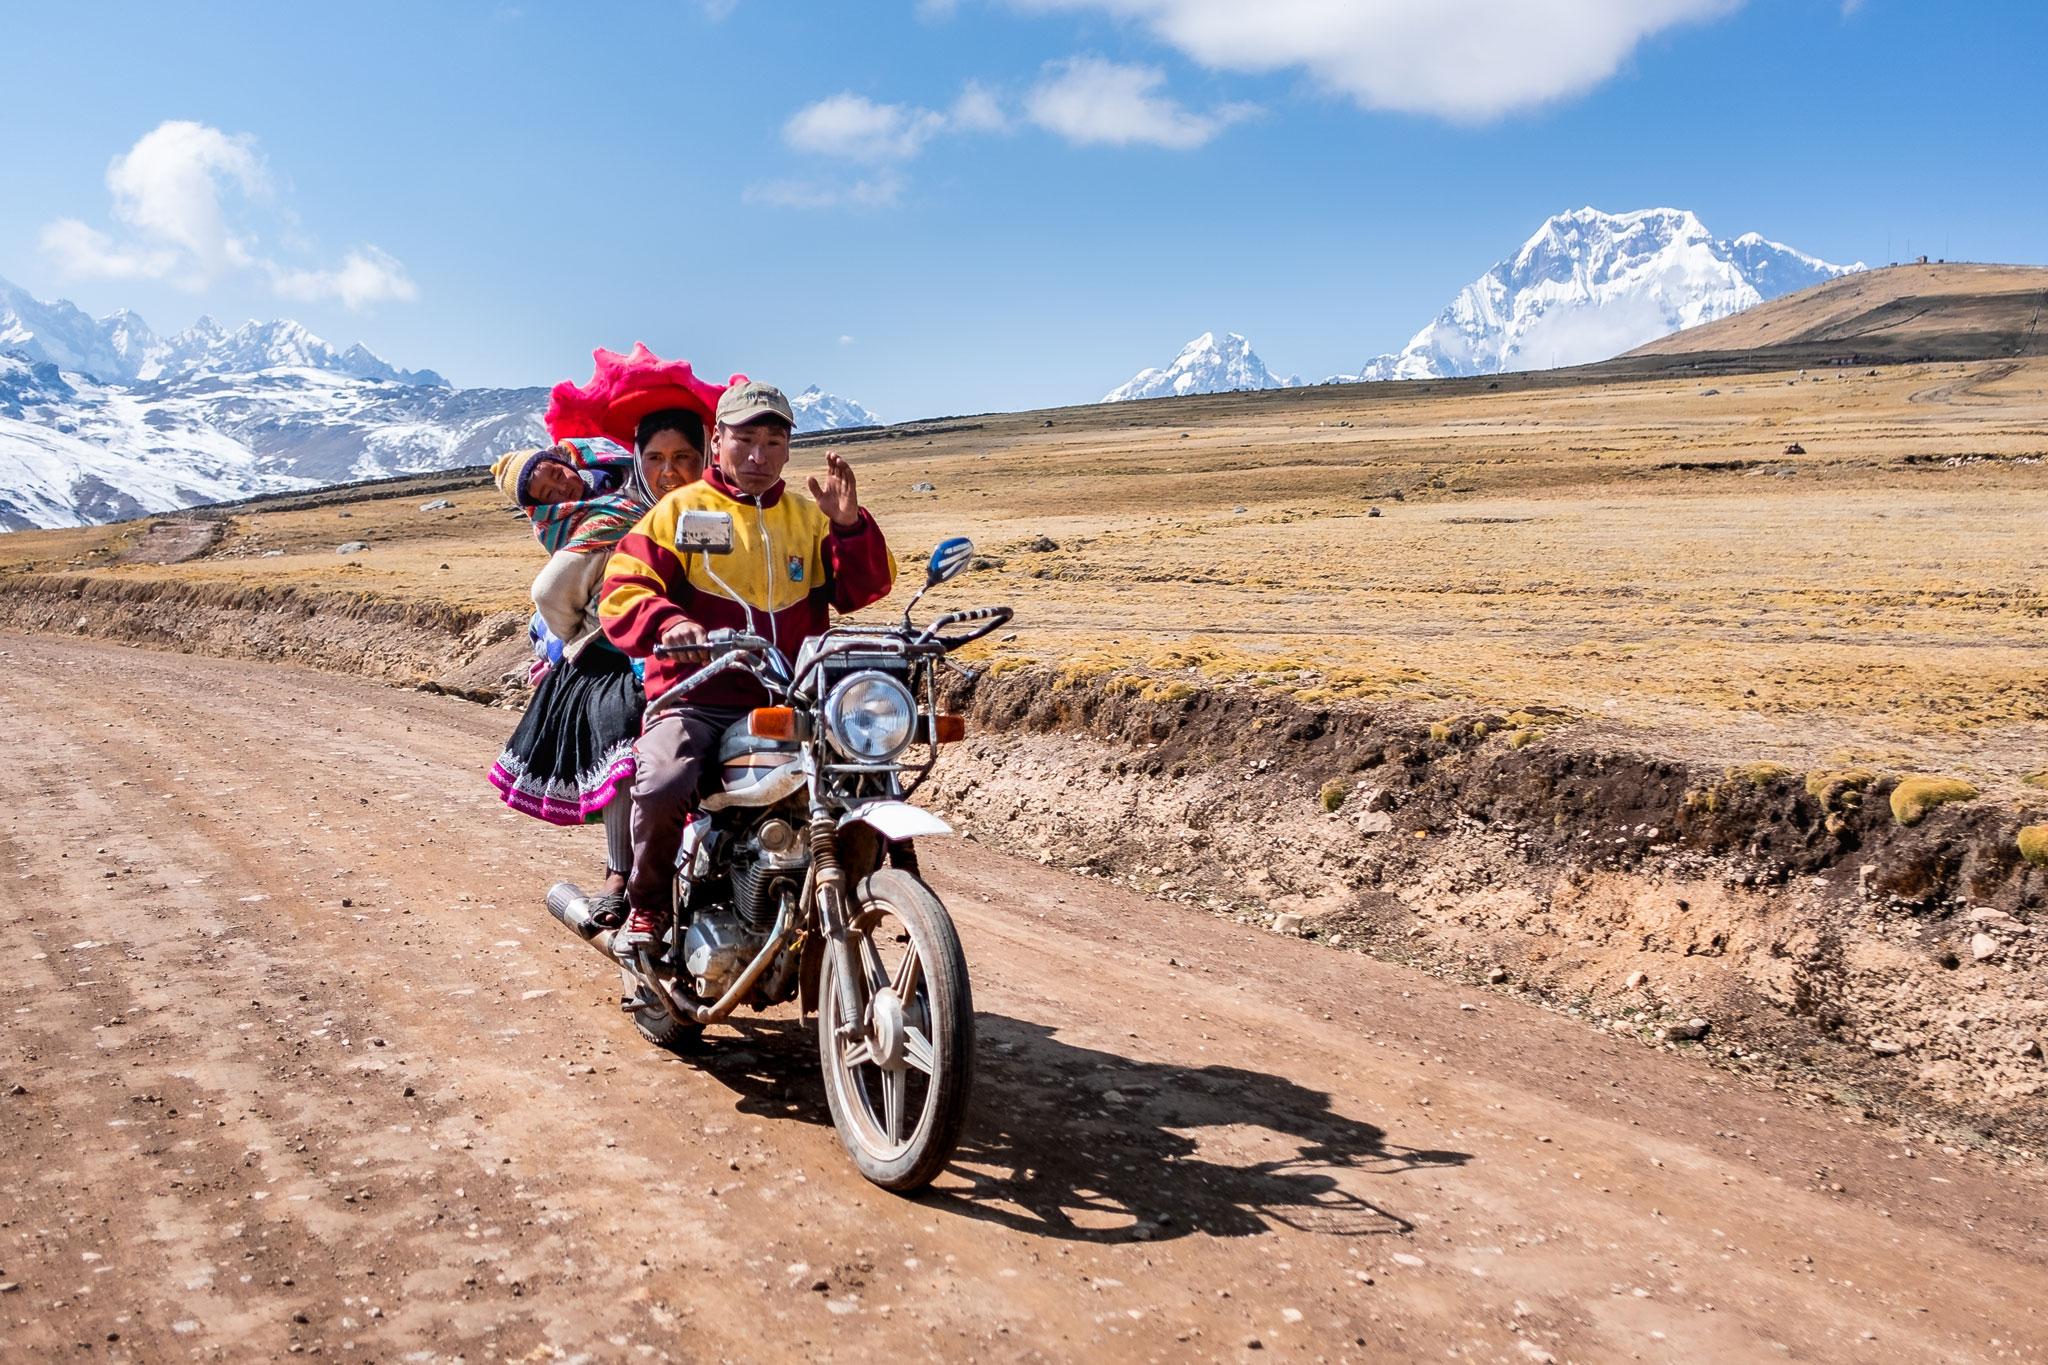 QUECHUA FAMILY ON A MOTORBIKE - AUSANGATE REGION - PERU